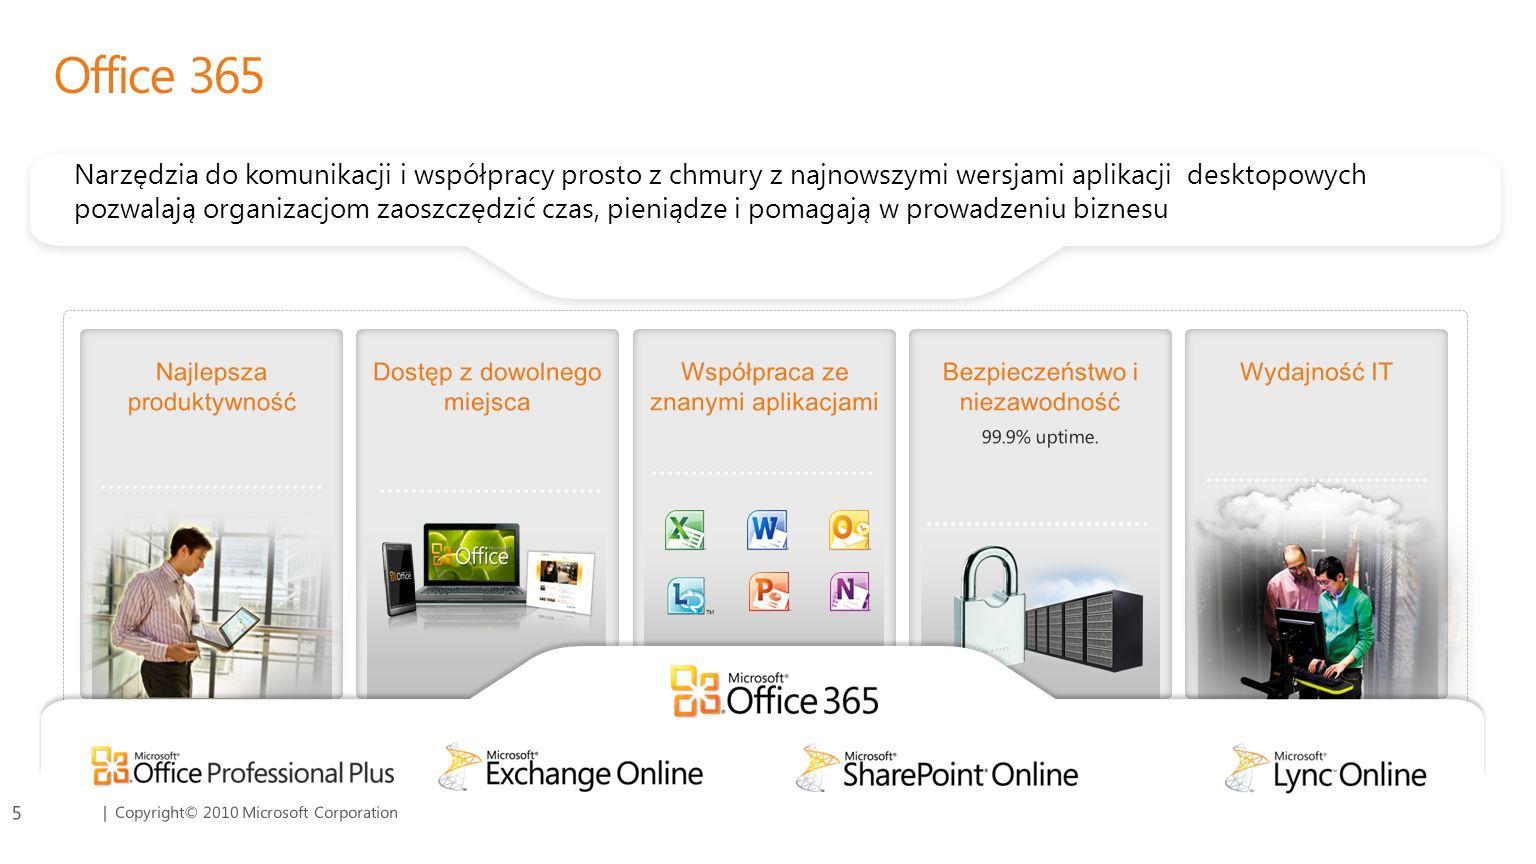 | Copyright© 2010 Microsoft Corporation Office 365 Narzędzia do komunikacji i współpracy prosto z chmury z najnowszymi wersjami aplikacji desktopowych pozwalają organizacjom zaoszczędzić czas, pieniądze i pomagają w prowadzeniu biznesu Najlepsza produktywność Dostęp z dowolnego miejsca Współpraca ze znanymi aplikacjami Bezpieczeństwo i niezawodność 99.9% uptime.